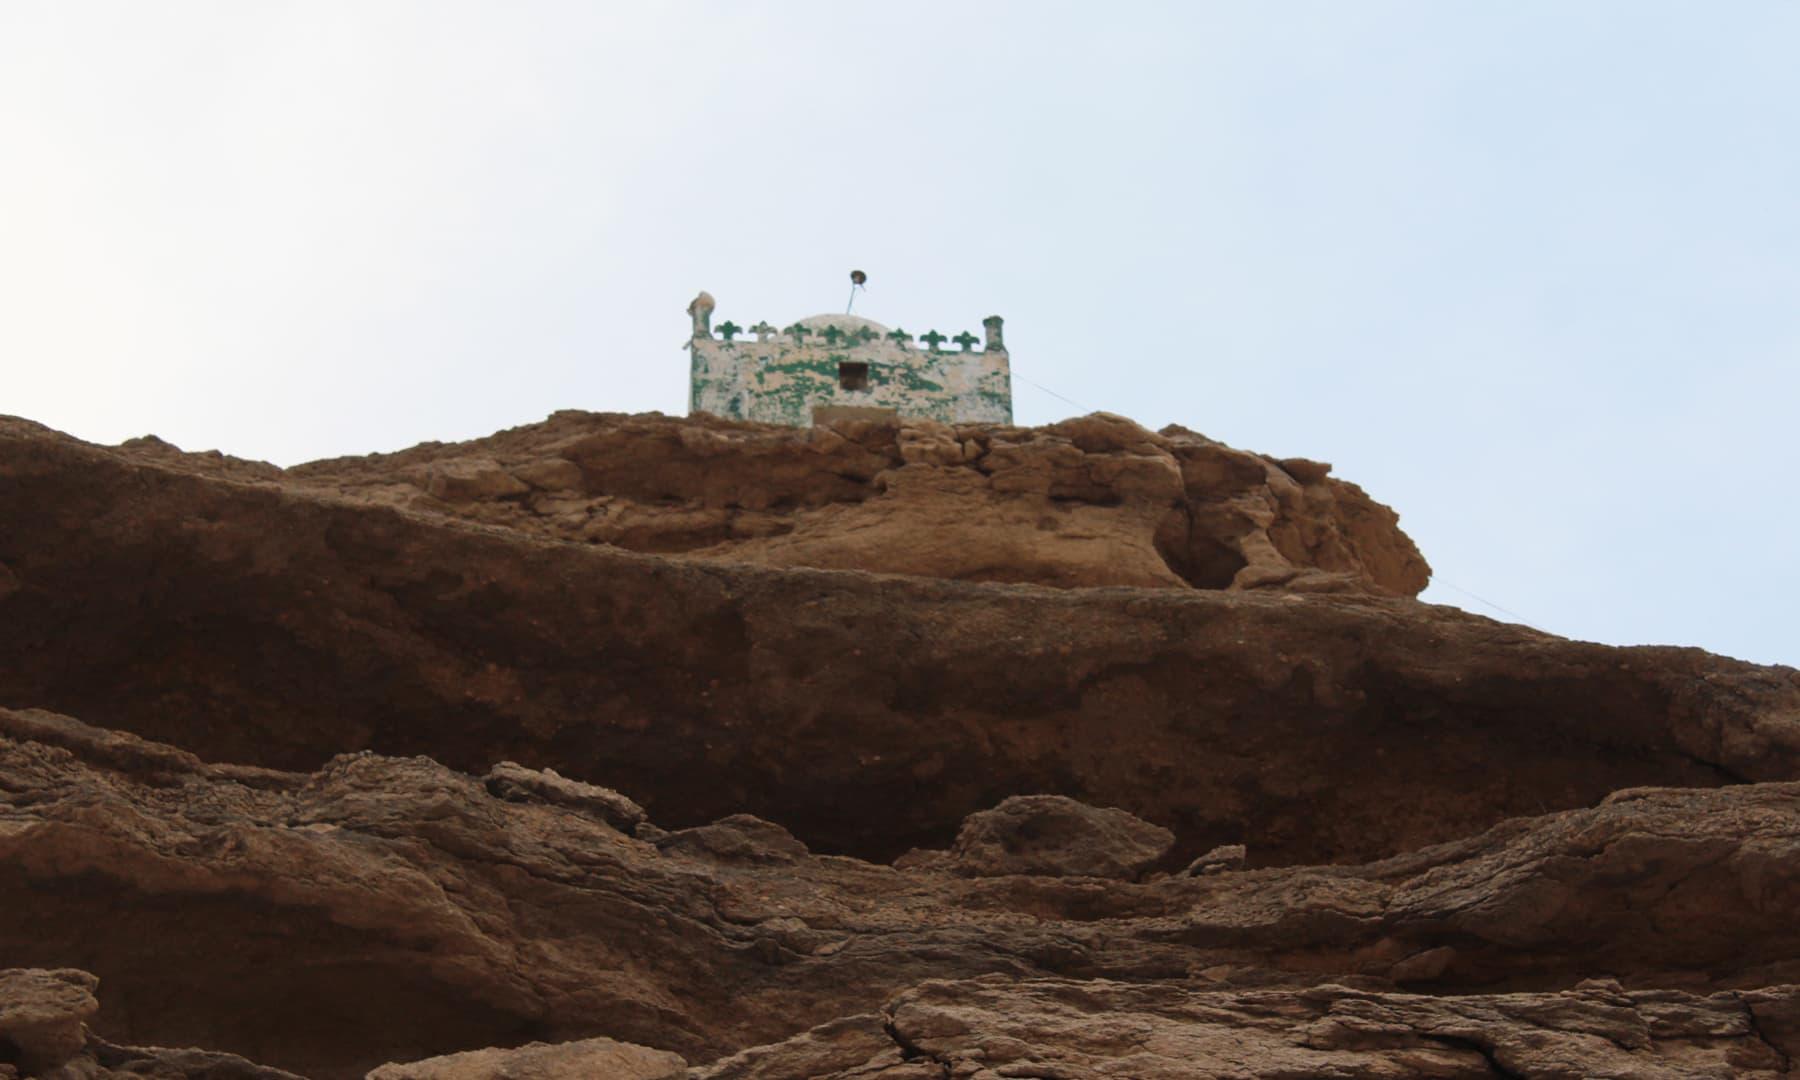 چٹان پر ایک مسجد یا مزار موجود ہے—تصویر اختر حفیظ